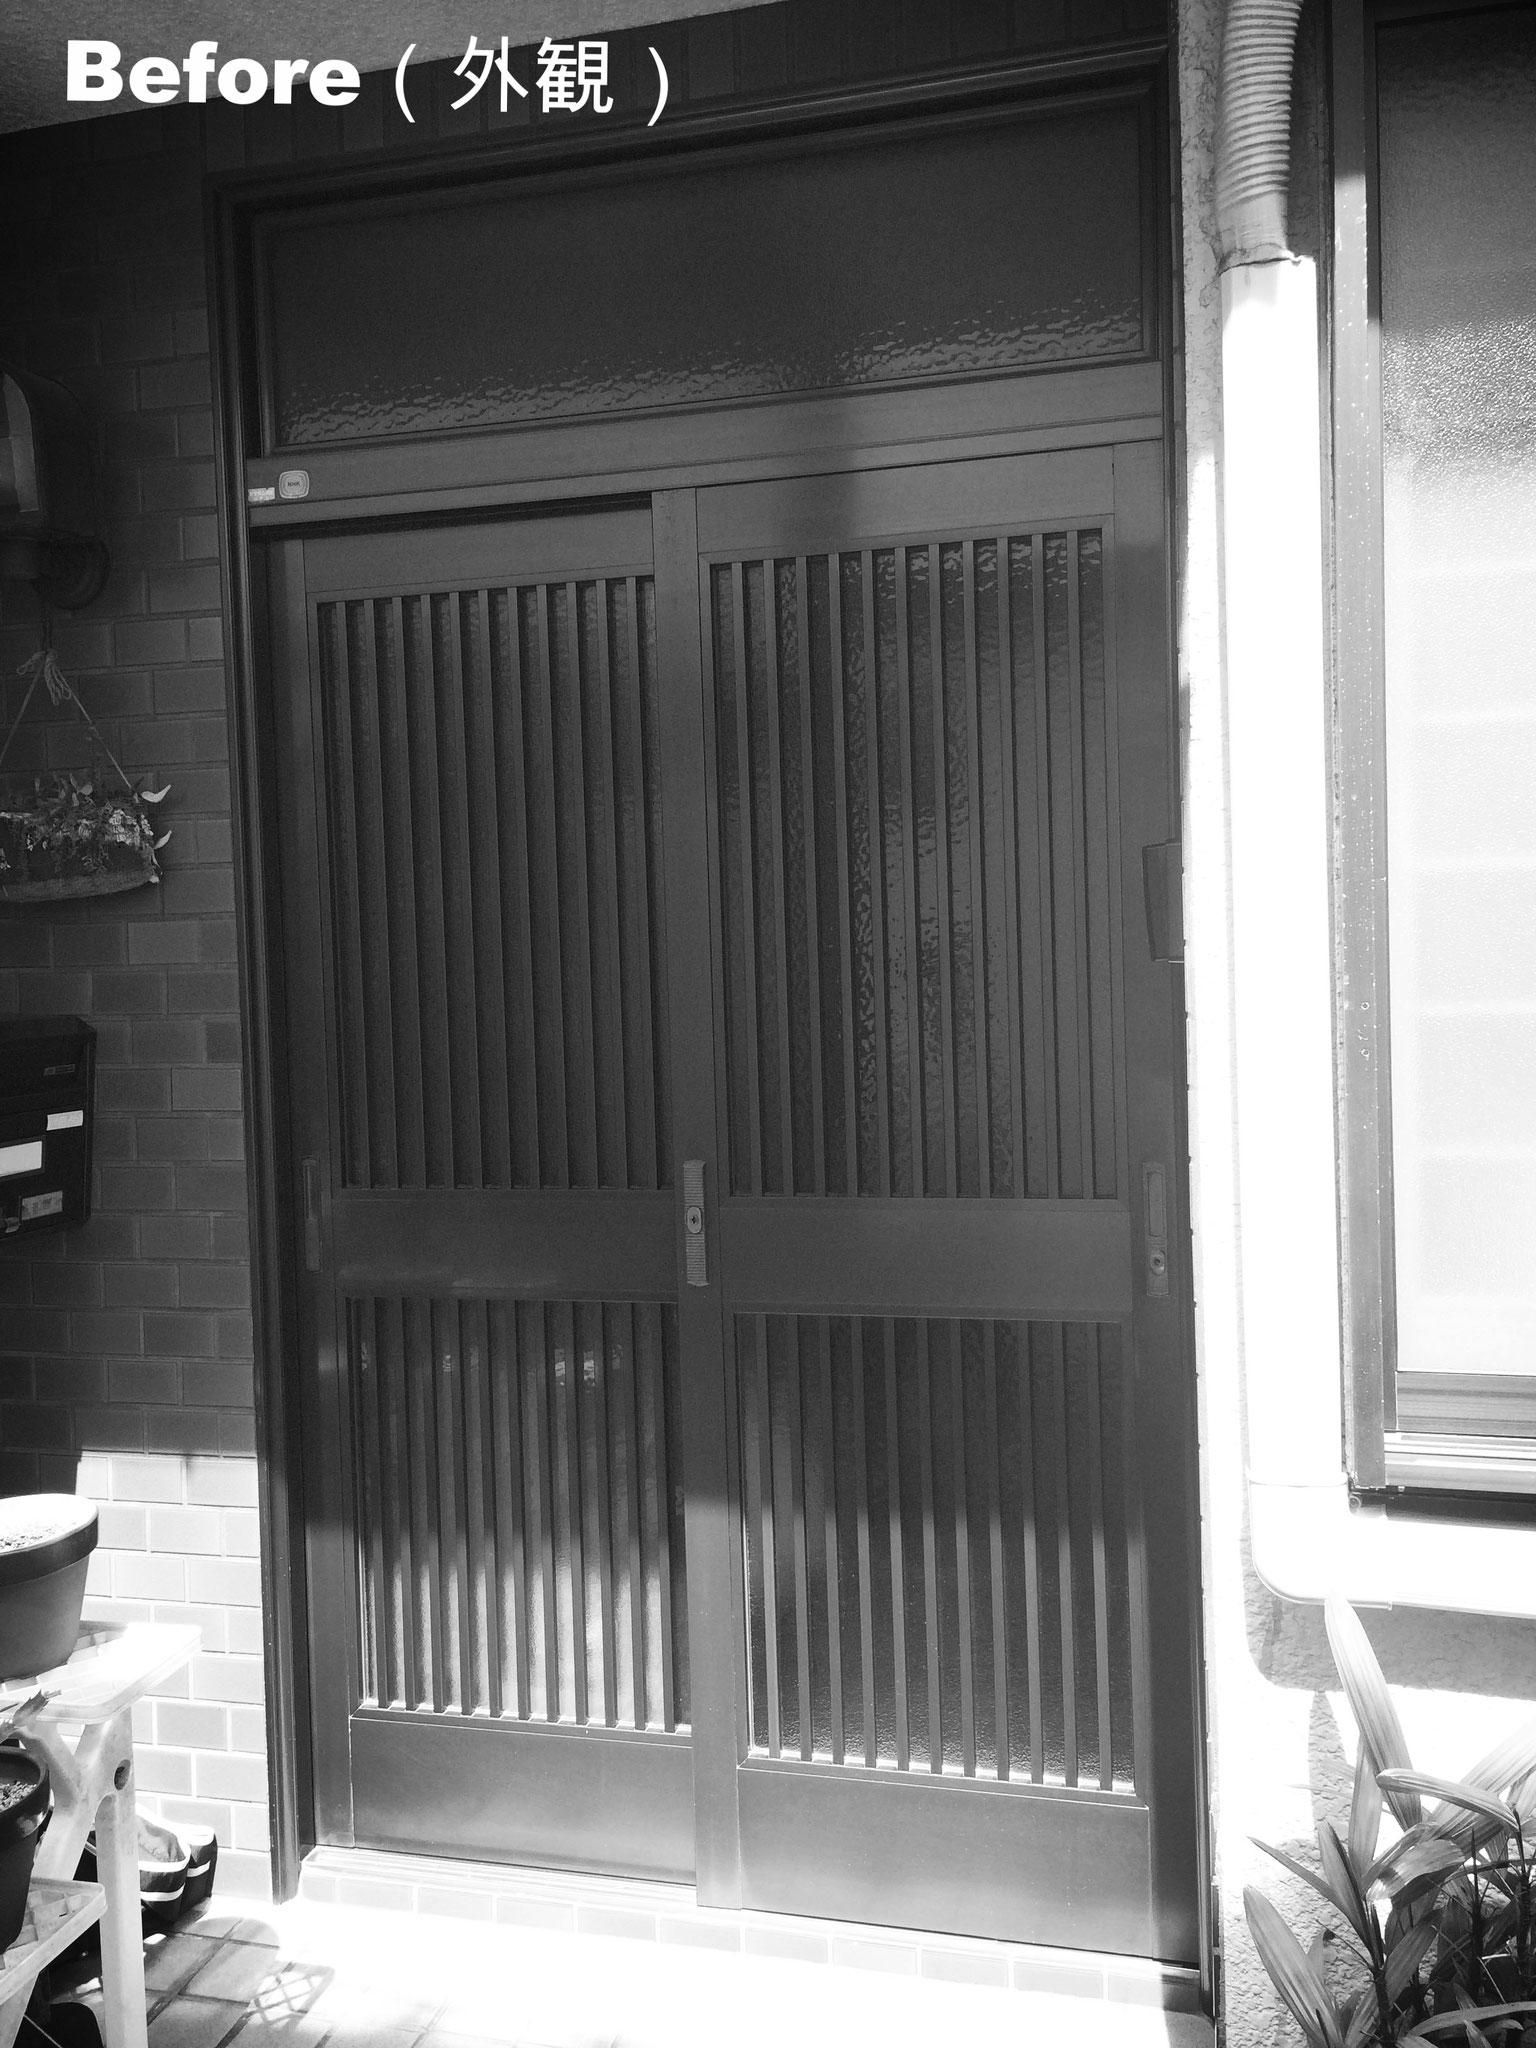 出入り幅が狭かった、以前の引違いドア